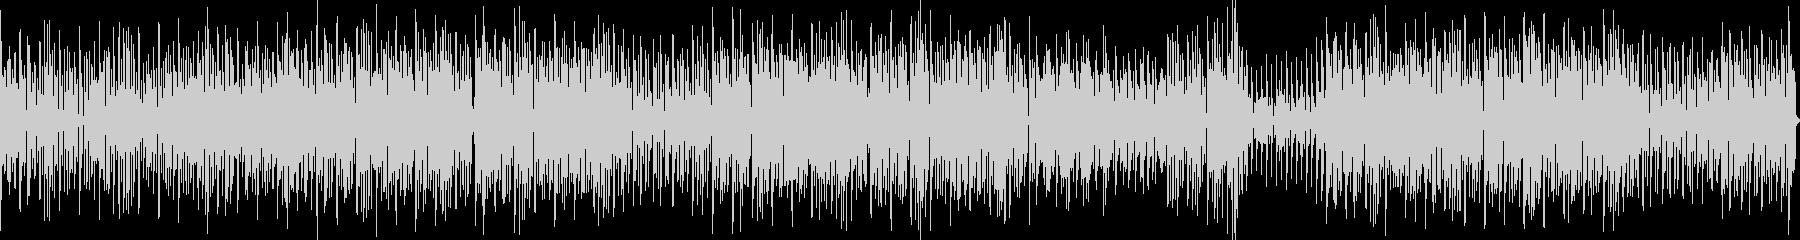 トランペットが歌う明るいエレクトロポップの未再生の波形